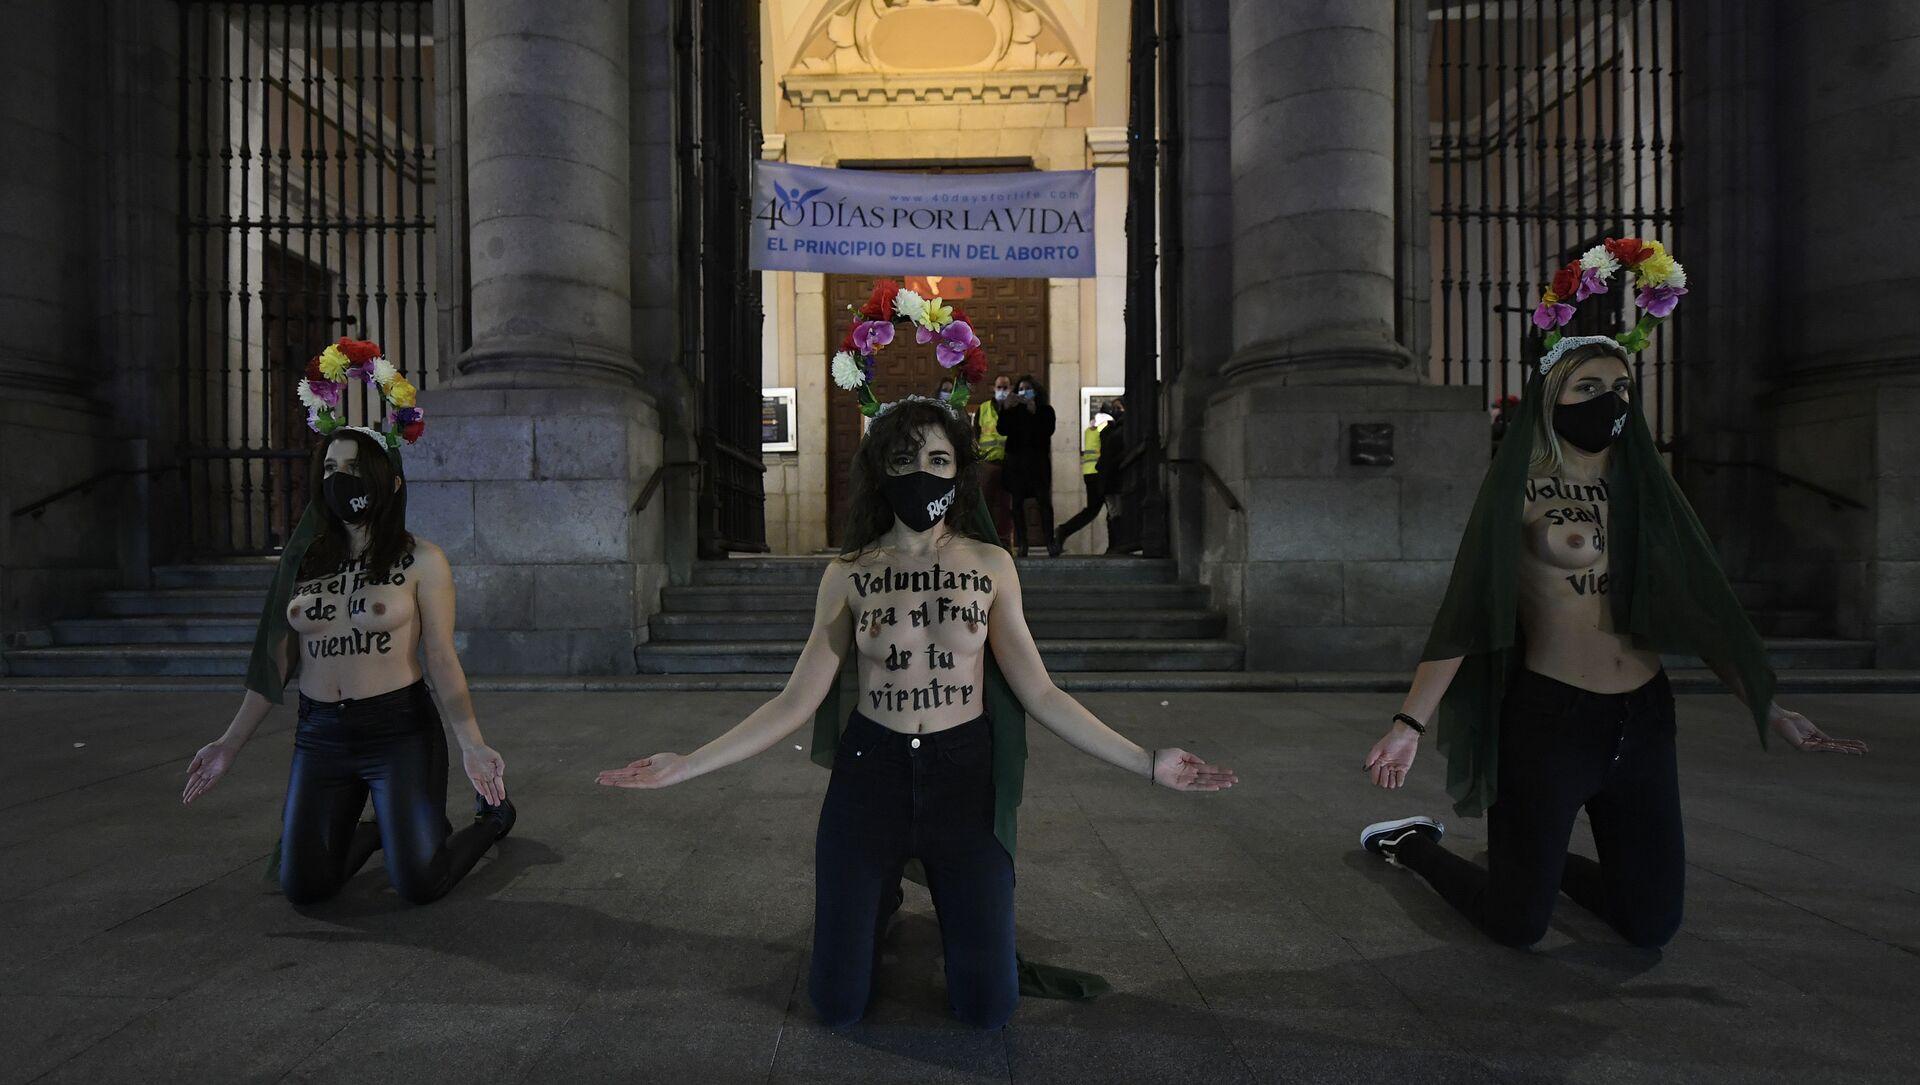 Activistas de FEMEN protestan contra el aborto en Madrid - Sputnik Mundo, 1920, 29.12.2020